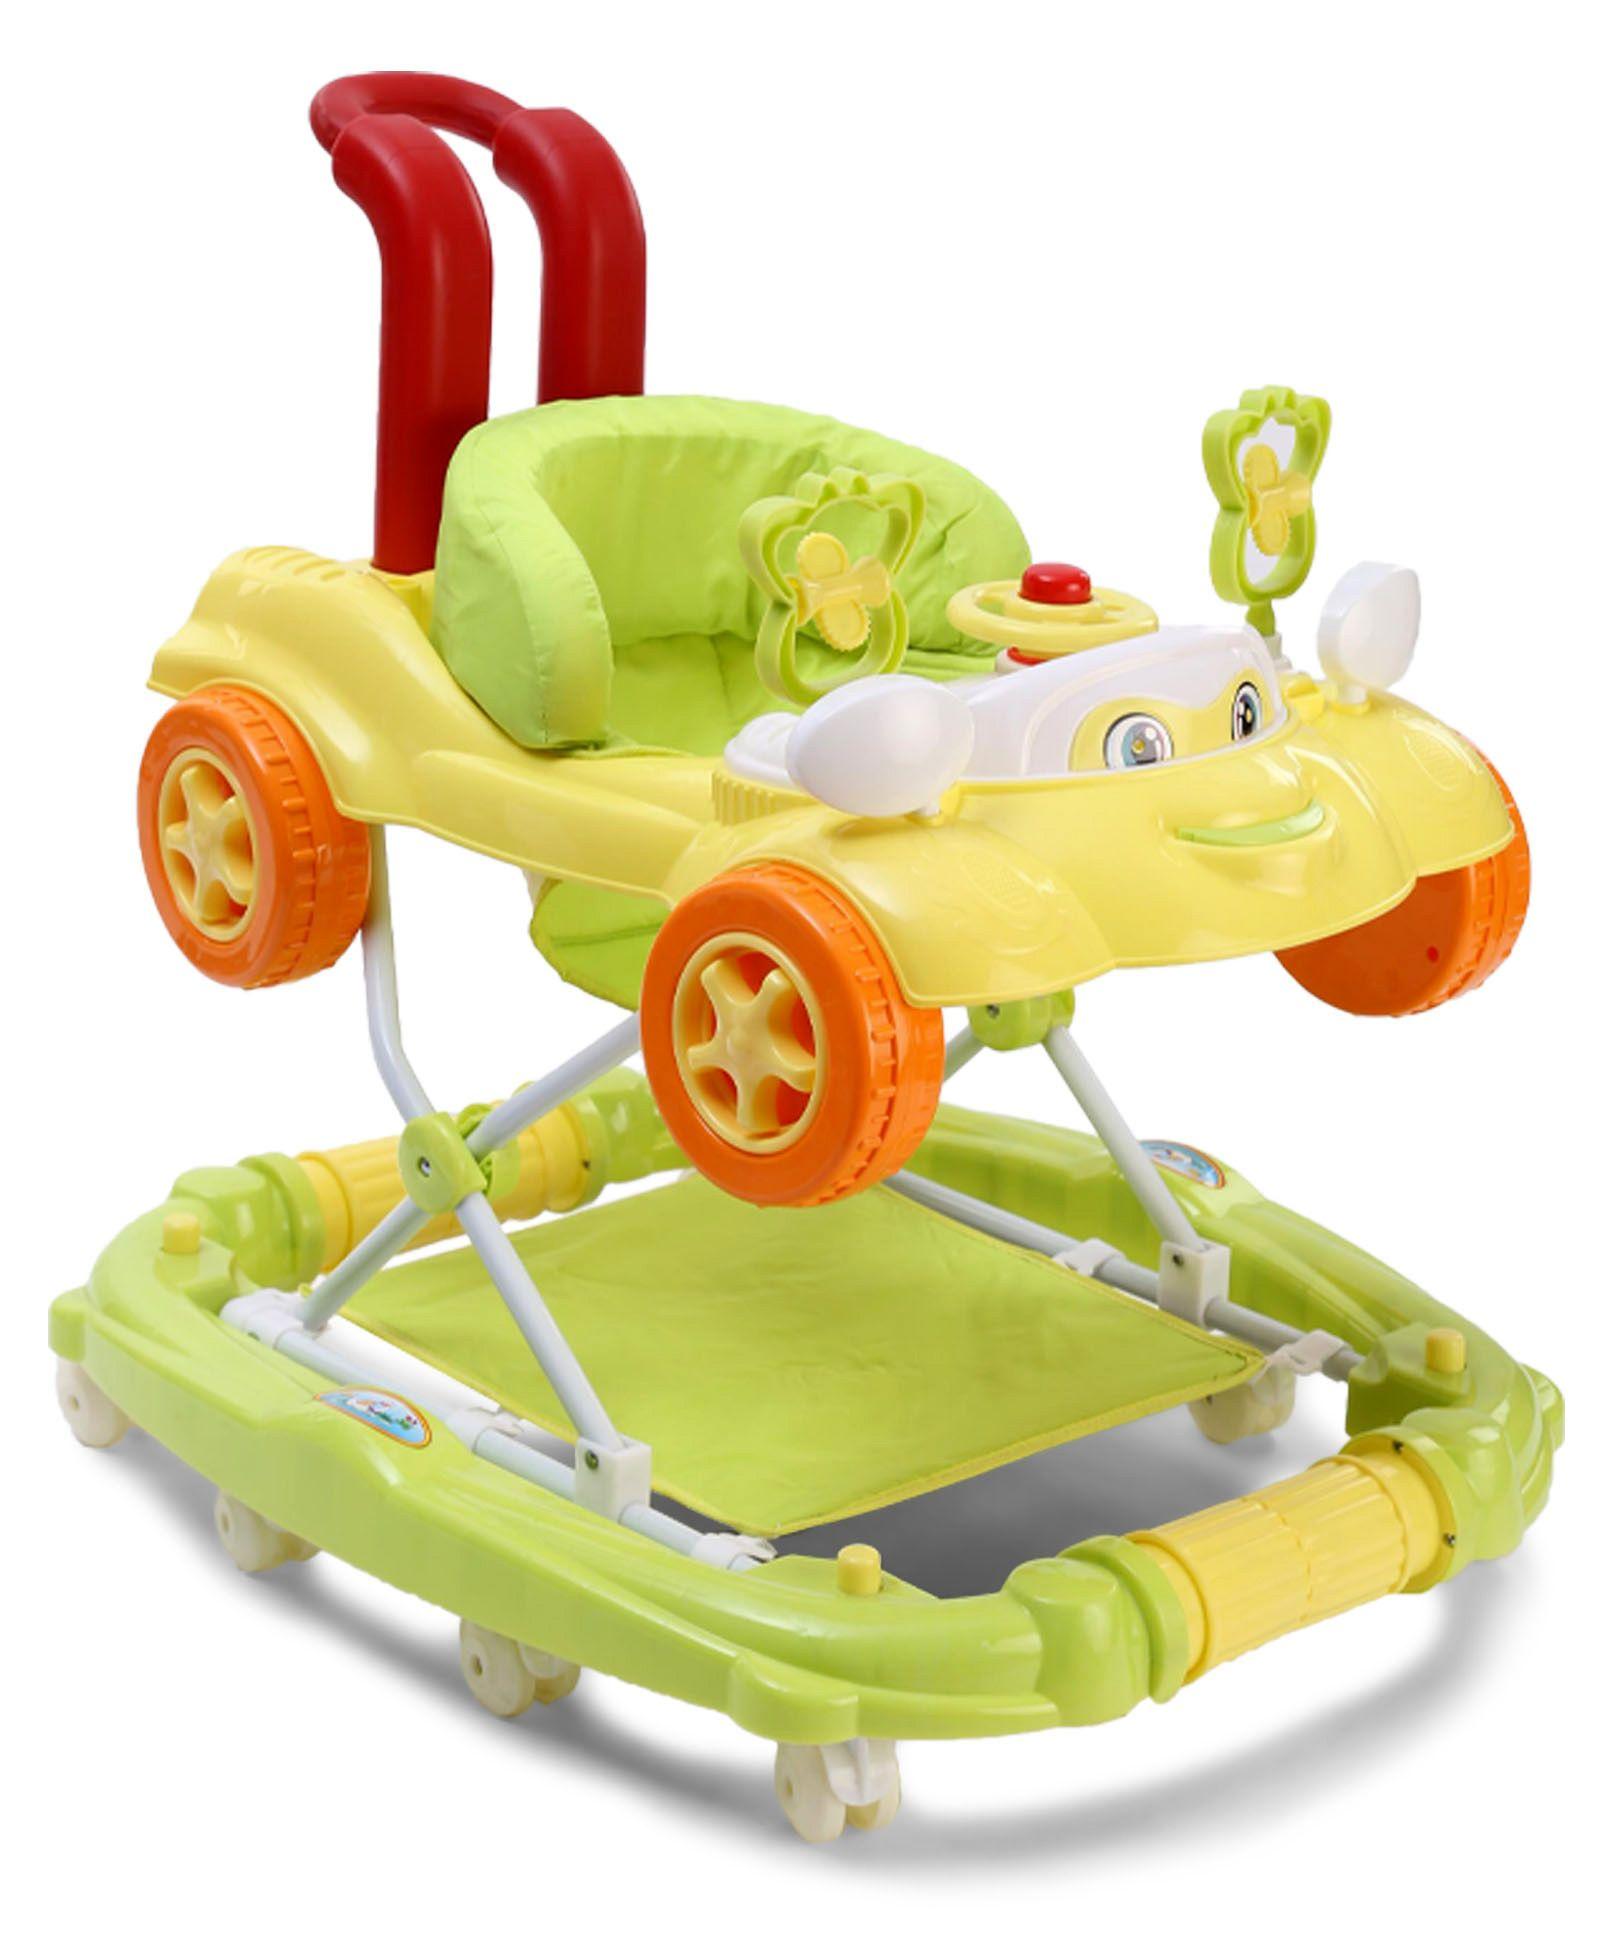 Baby Car Design Musical Walker - Green Yellow